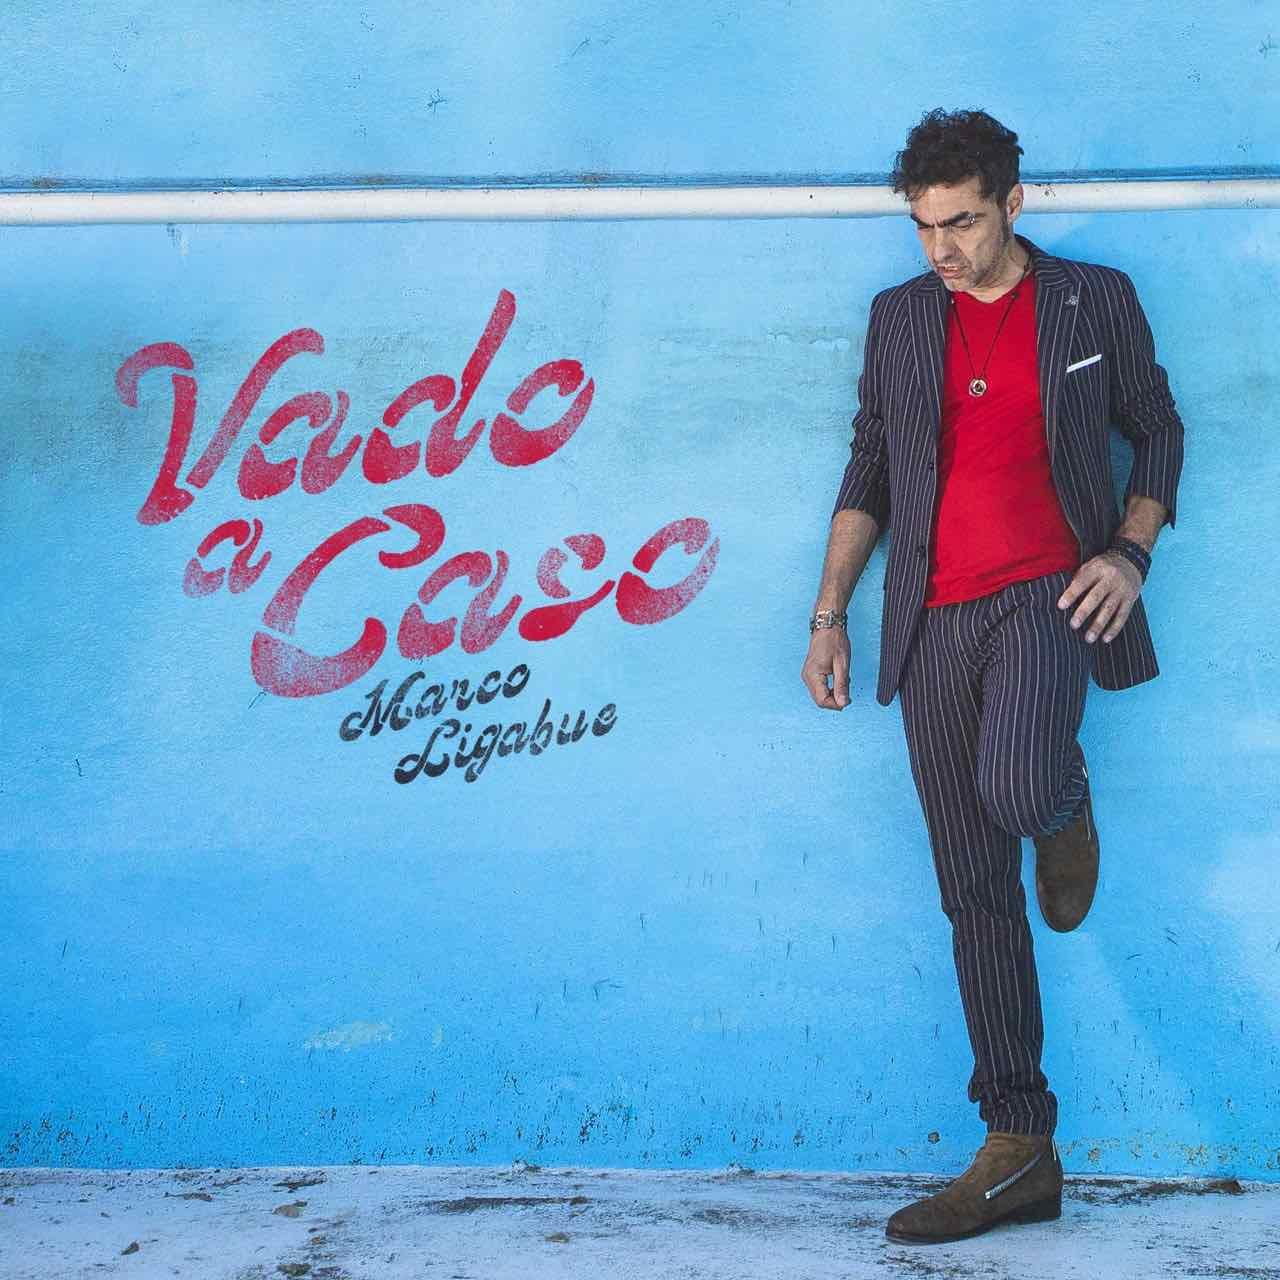 Vado a caso di Marco Ligabue, il nuovo brano ora disponibile online